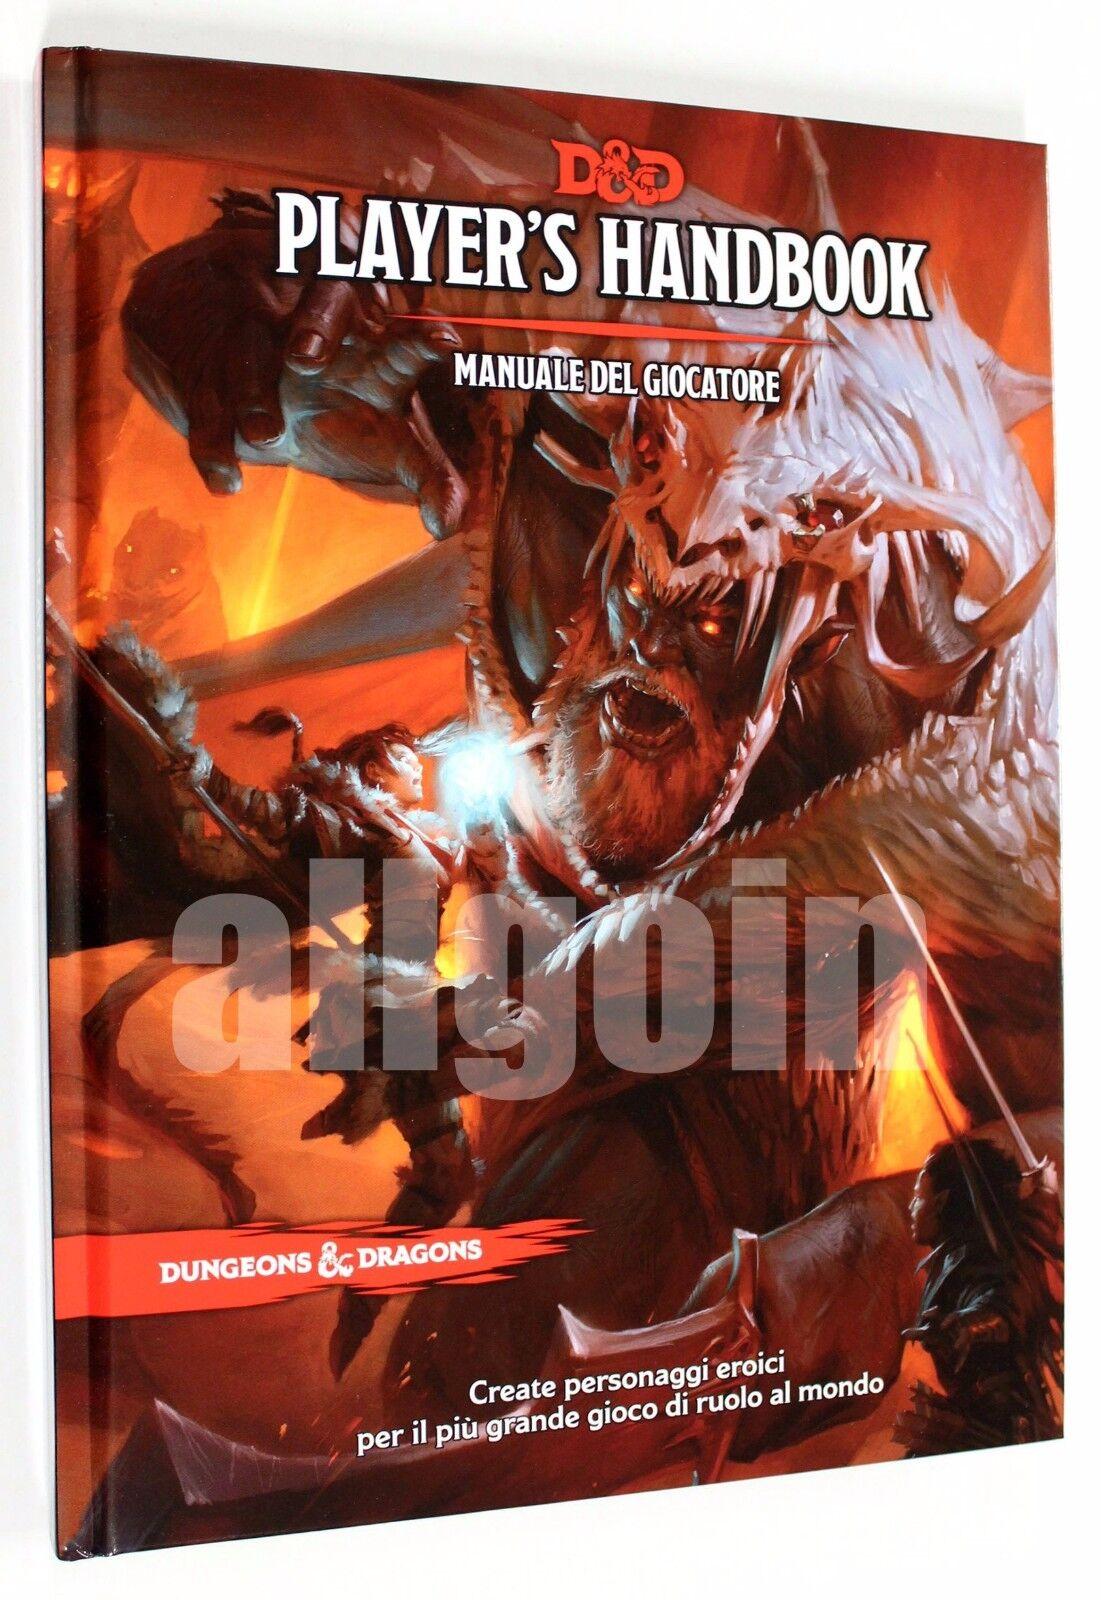 Dungeons & Dragons uomoUALE DEL GIOCATORE QUINTA EDIZIONE 5^  5e D&D ITALIANO  Offriamo vari marchi famosi